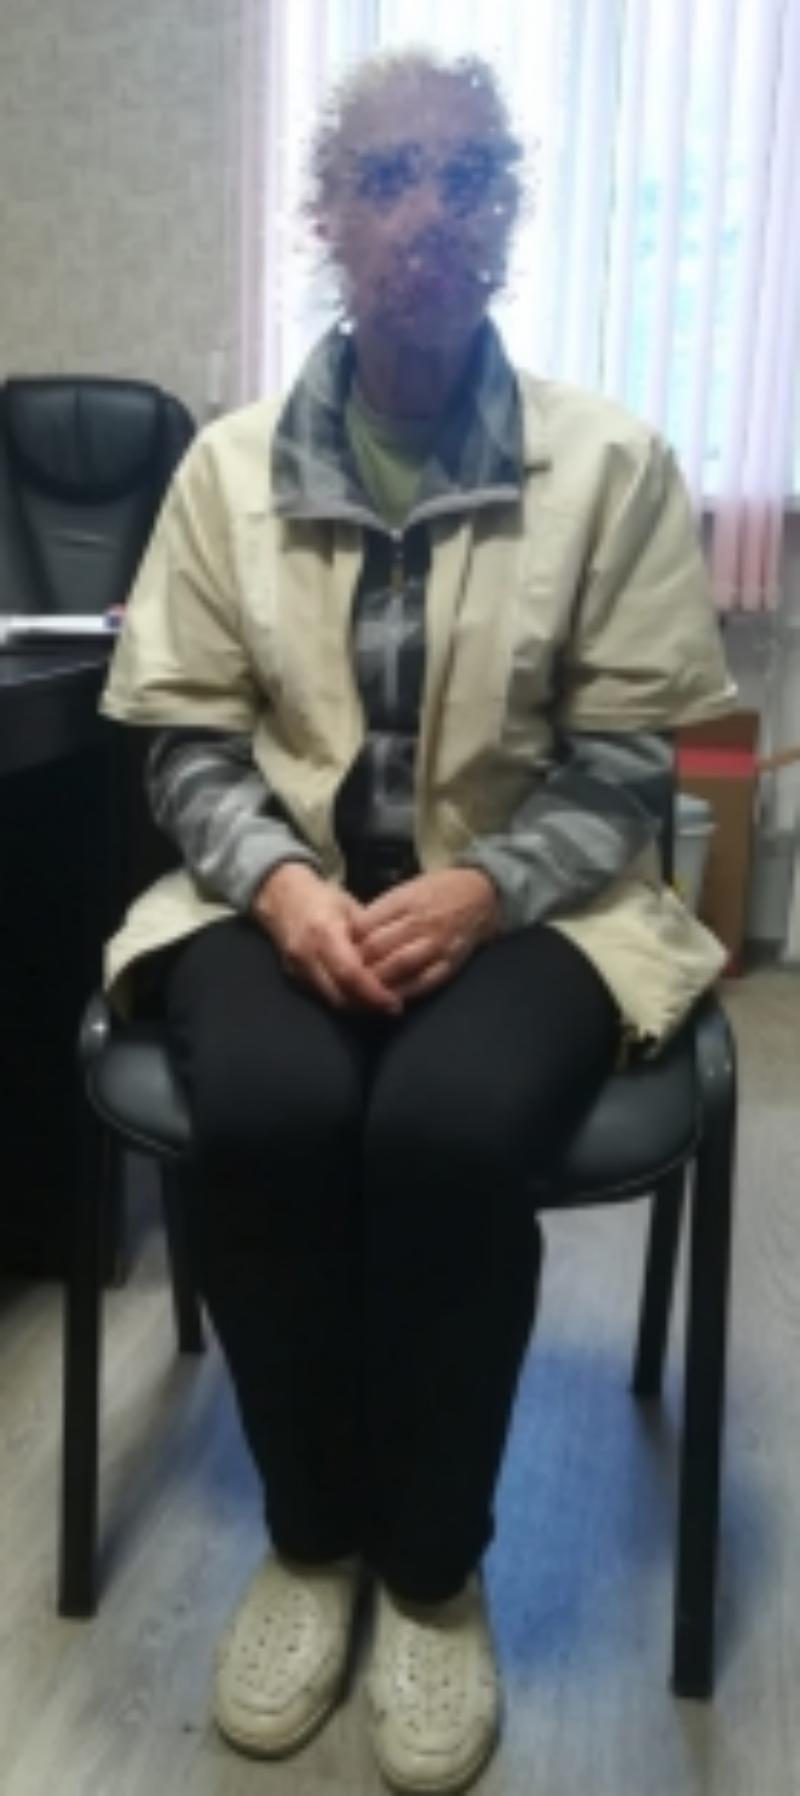 По факту избиения маленькой девочки возбуждено уголовное дело. Фото https://lenobl.sledcom.ru/news/item/1375607/